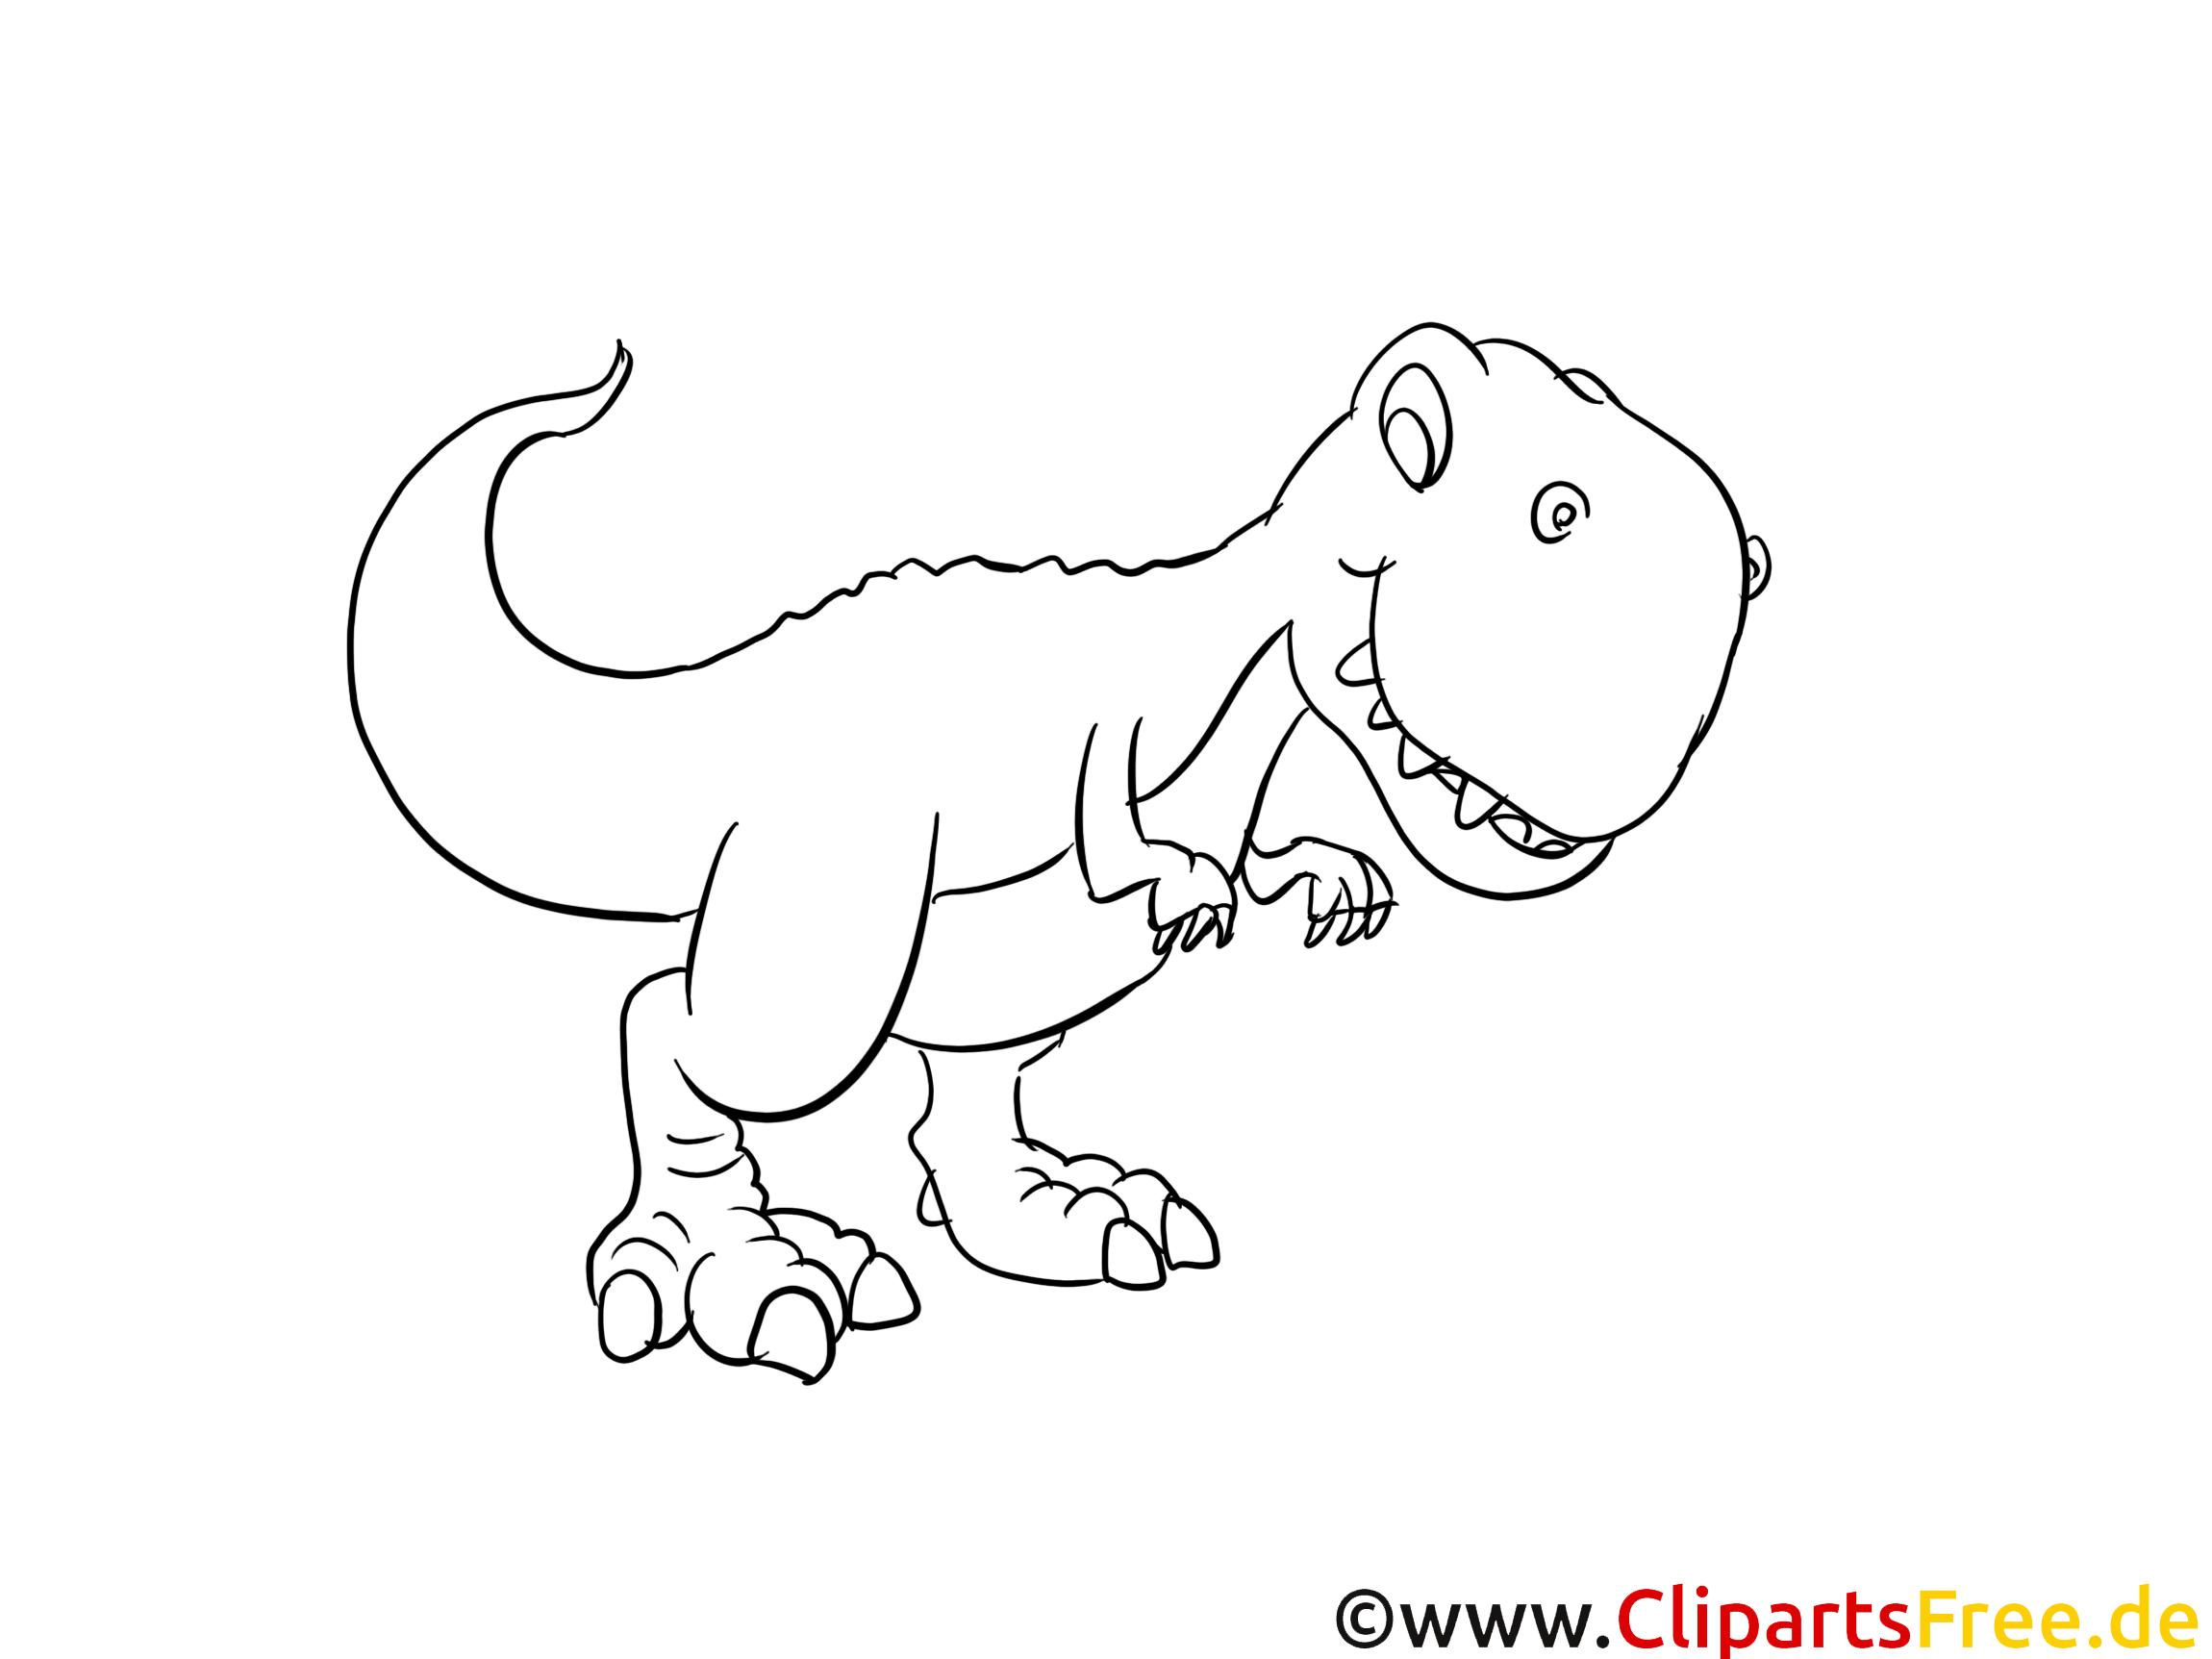 Coloriage Dinosaure Sur Ordinateur.T Rex Dessin Coloriage Dinosaures A Telecharger Dinosaures